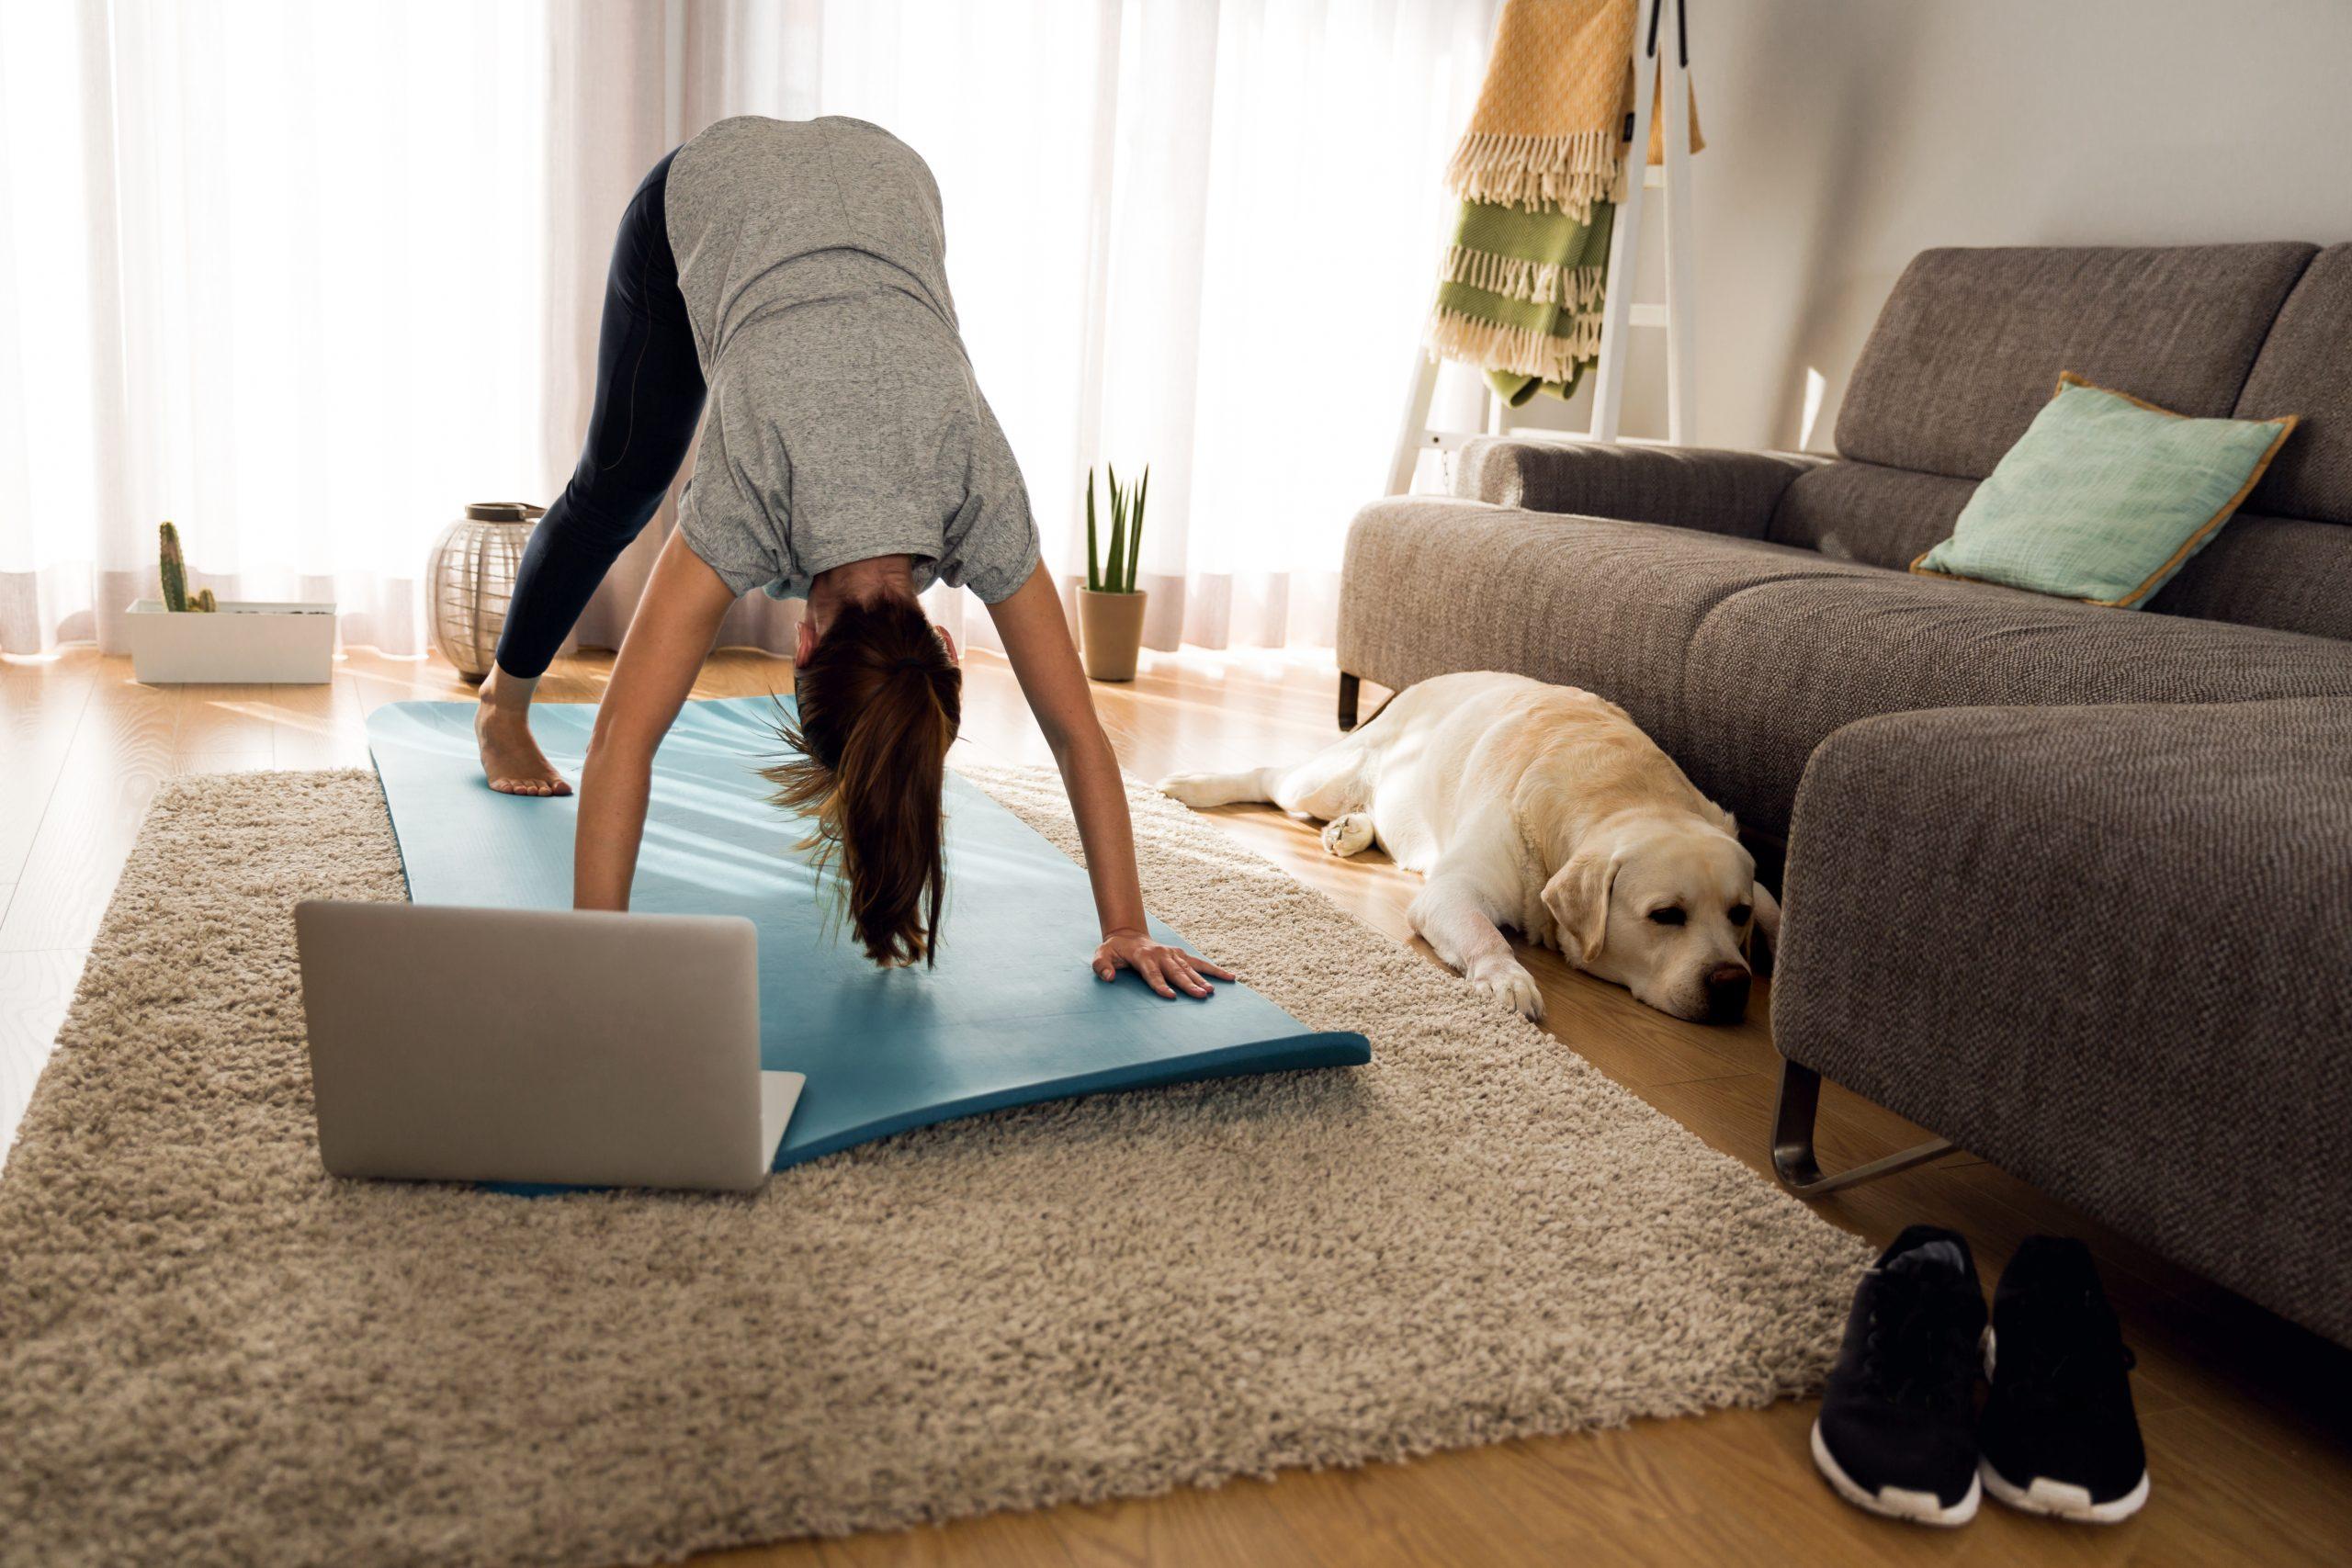 Testamos 5 aplicativos de aula de yoga para fazer em casa